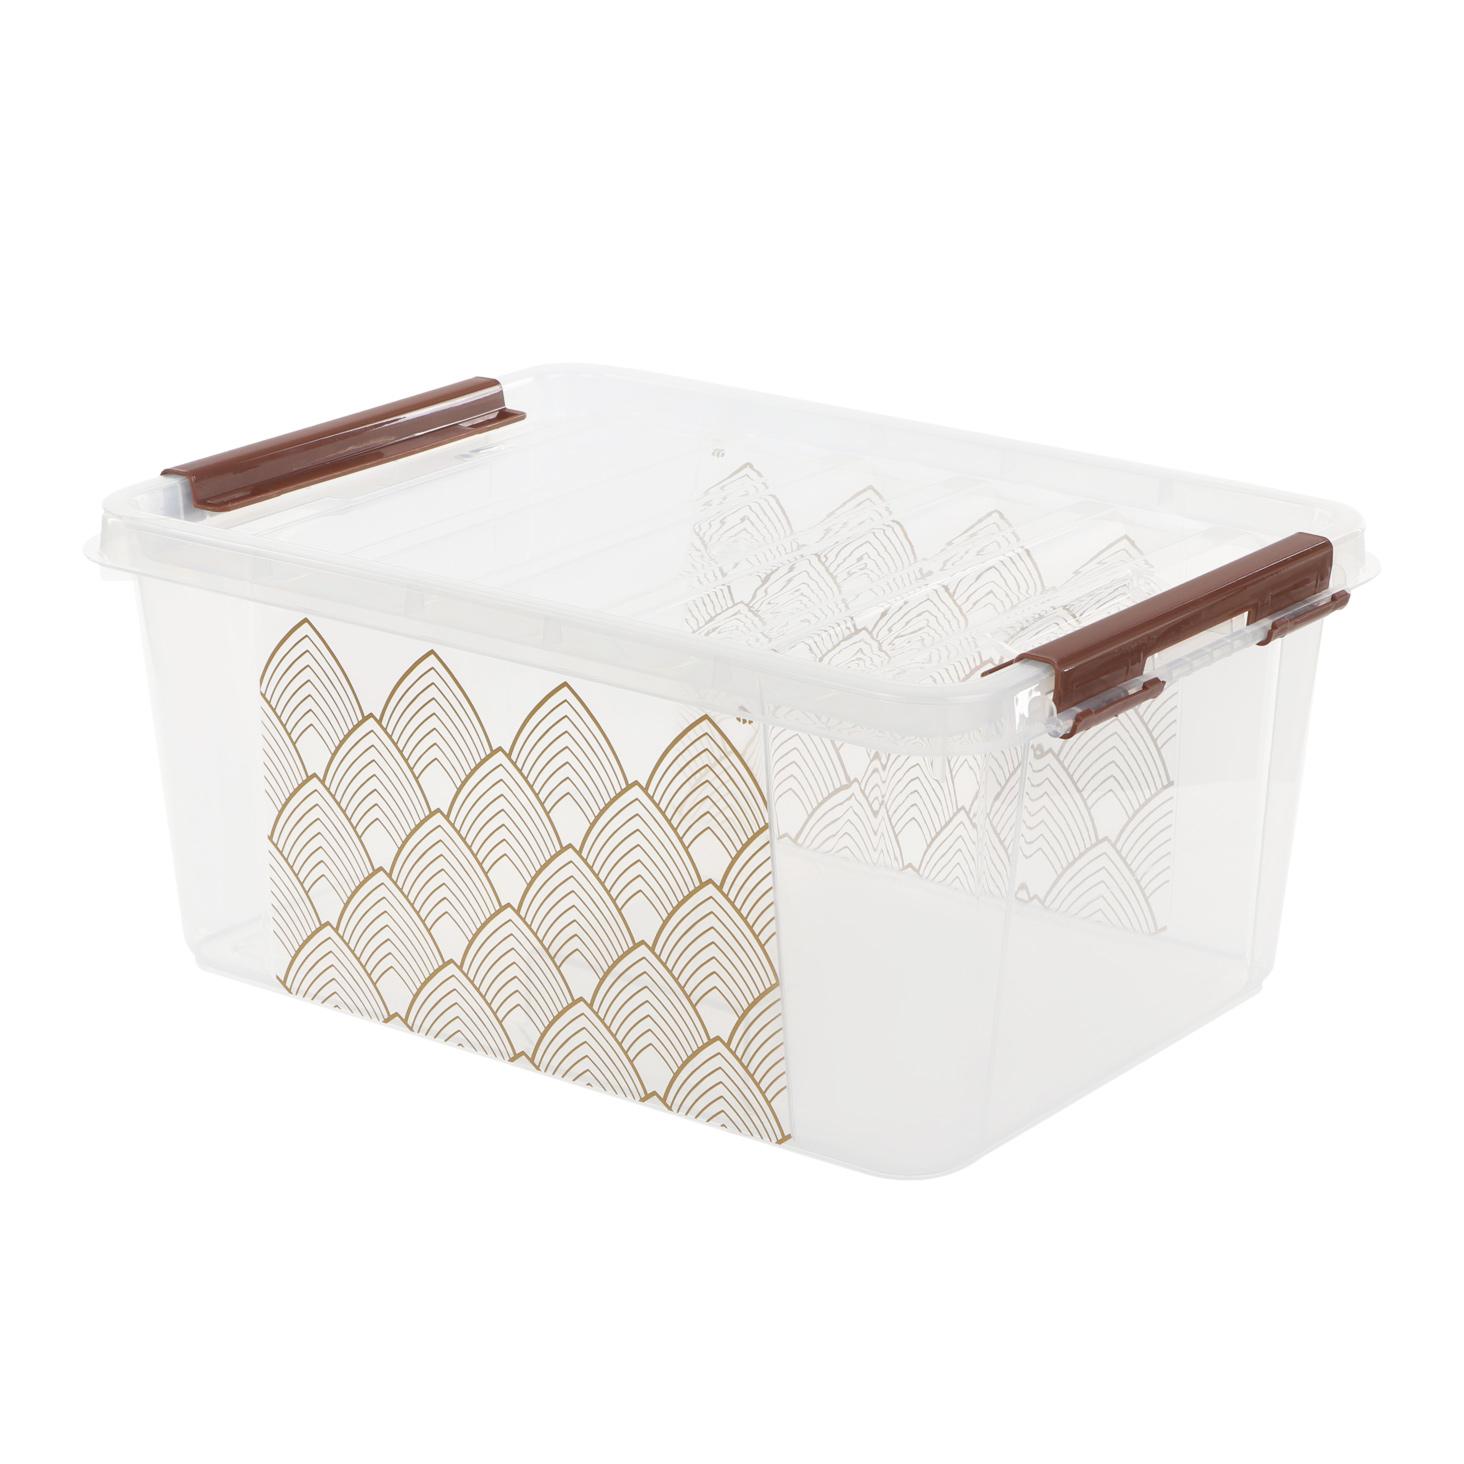 Ящикпрозрачный Полимербыт с рисунком 15л 410х295х183мм ящик для хранения полимербыт 15 л